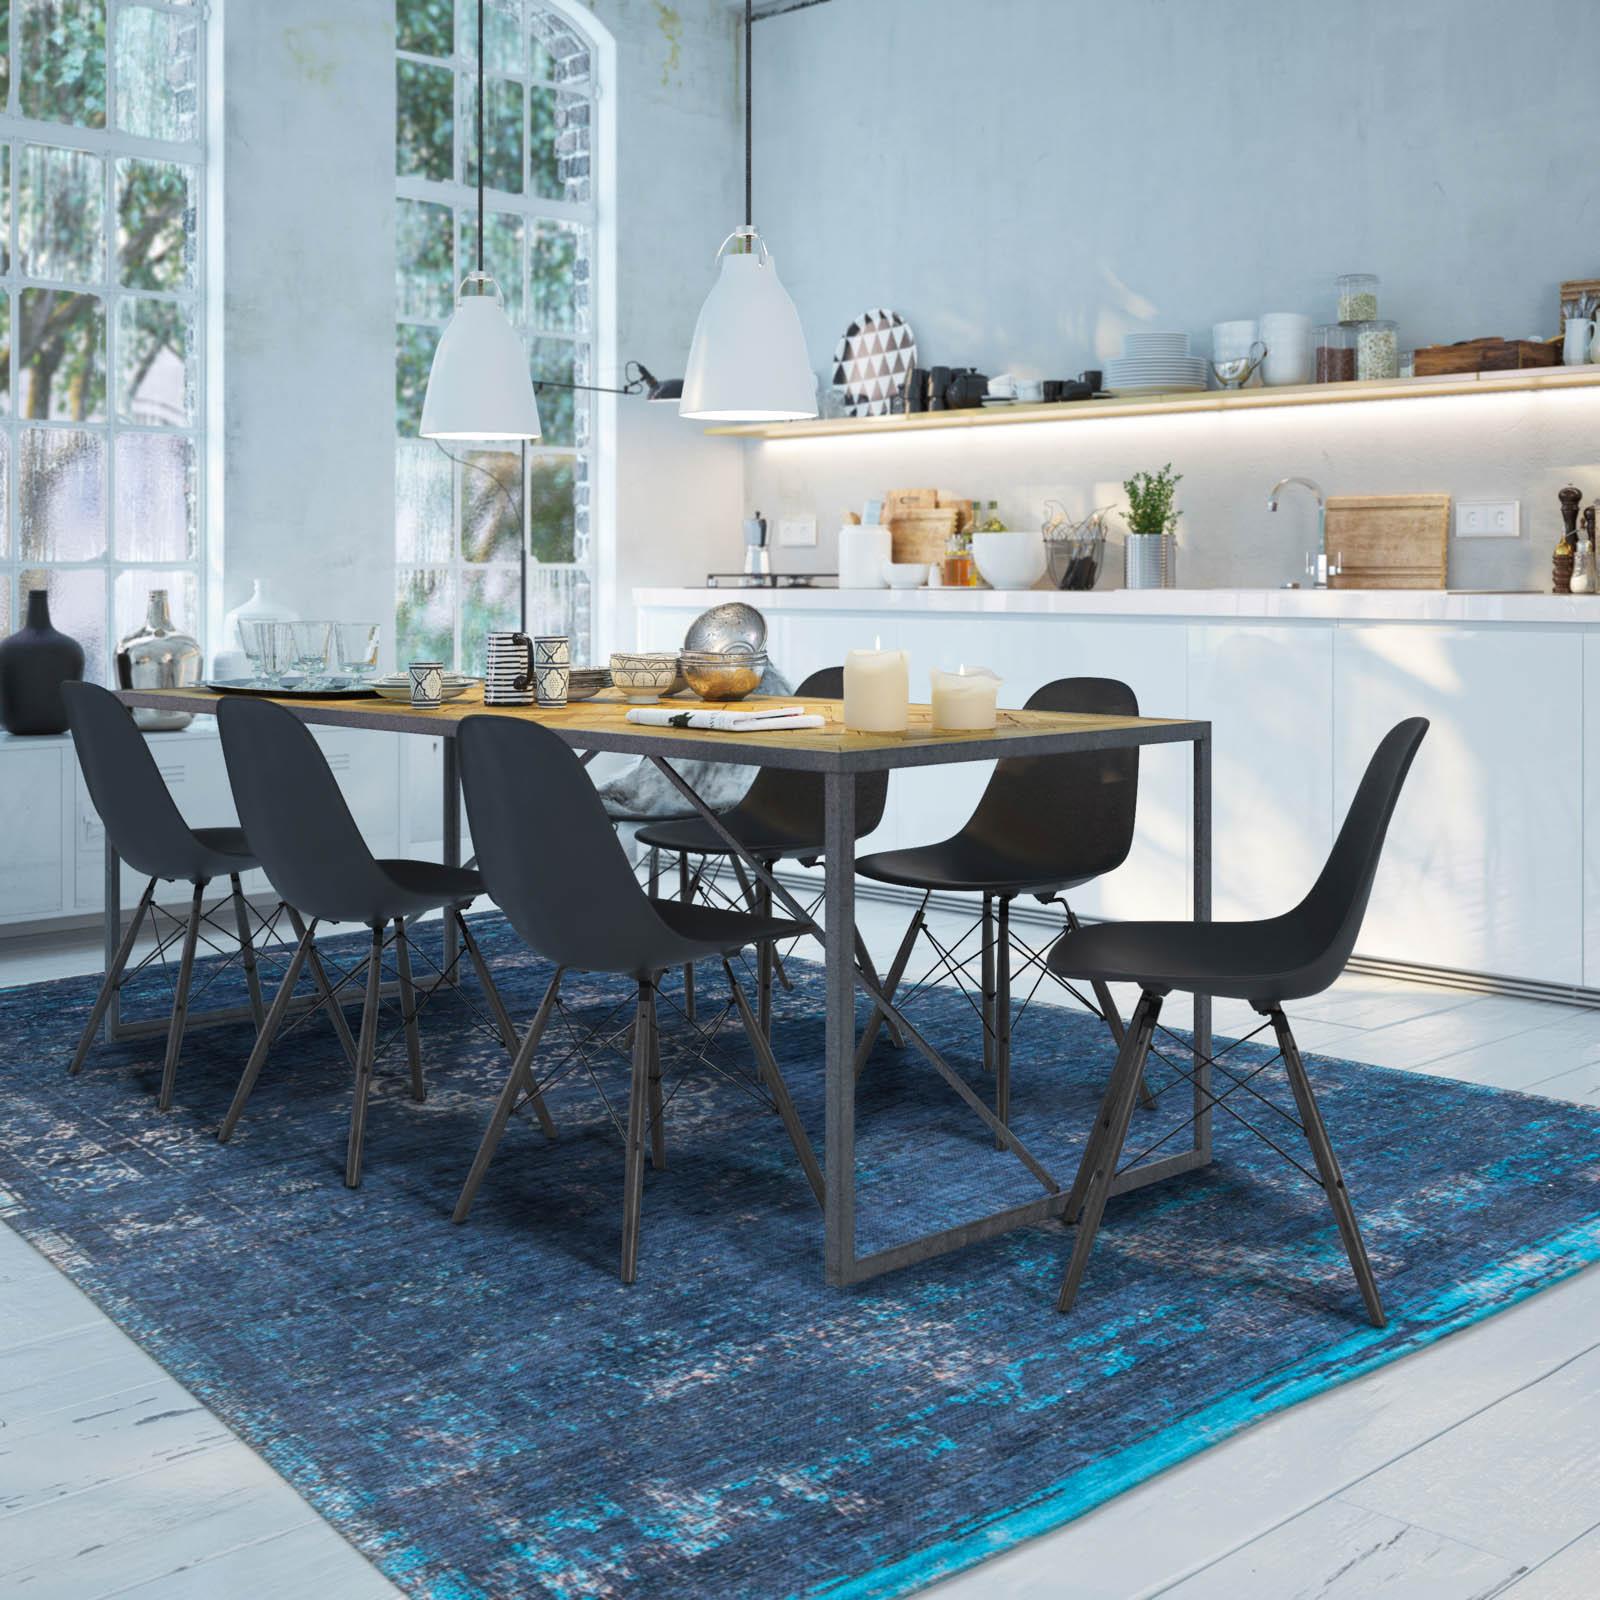 https www cocondedecoration com blog 2018 08 du bleu dans la salle a manger moderne kche in altbau apartment modern kitchen in old loft